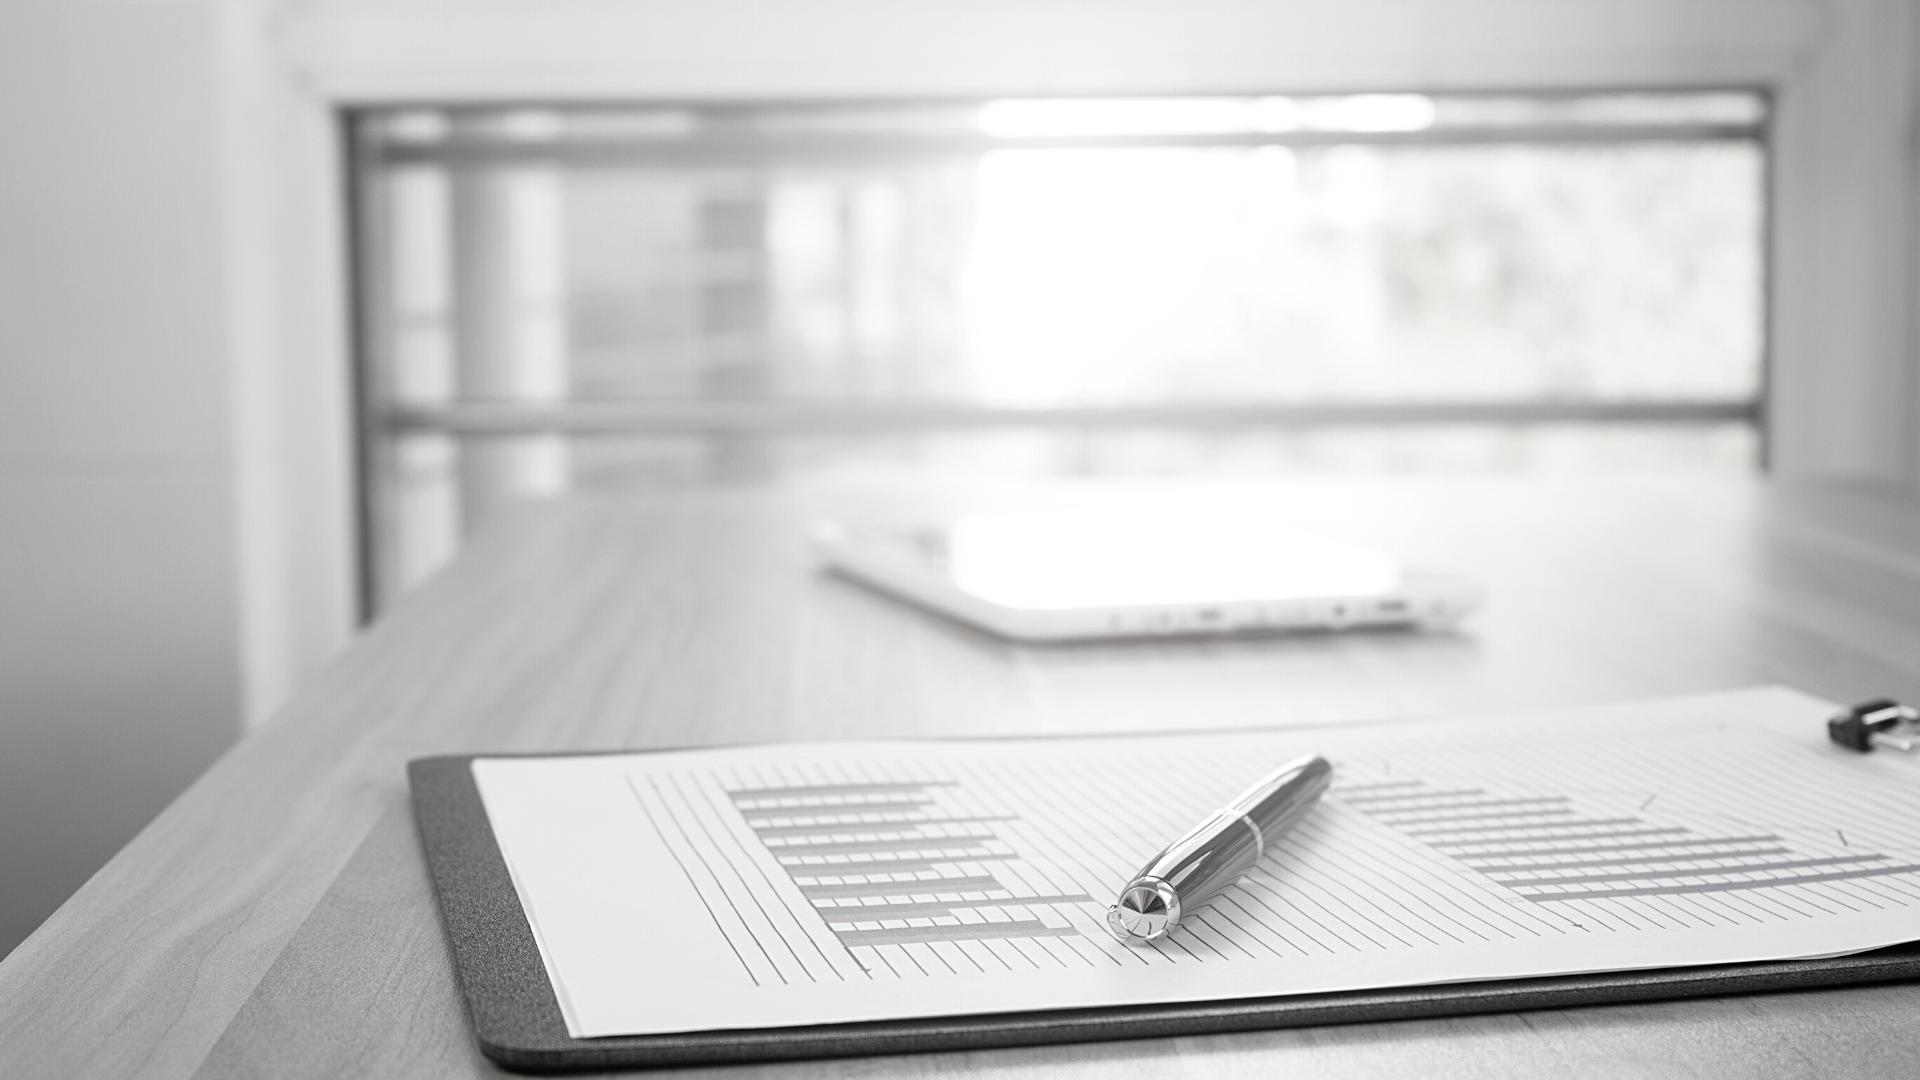 Reprise d'entreprise par l'acquisition de titres de sociétés :  Optimiser son plan de financement